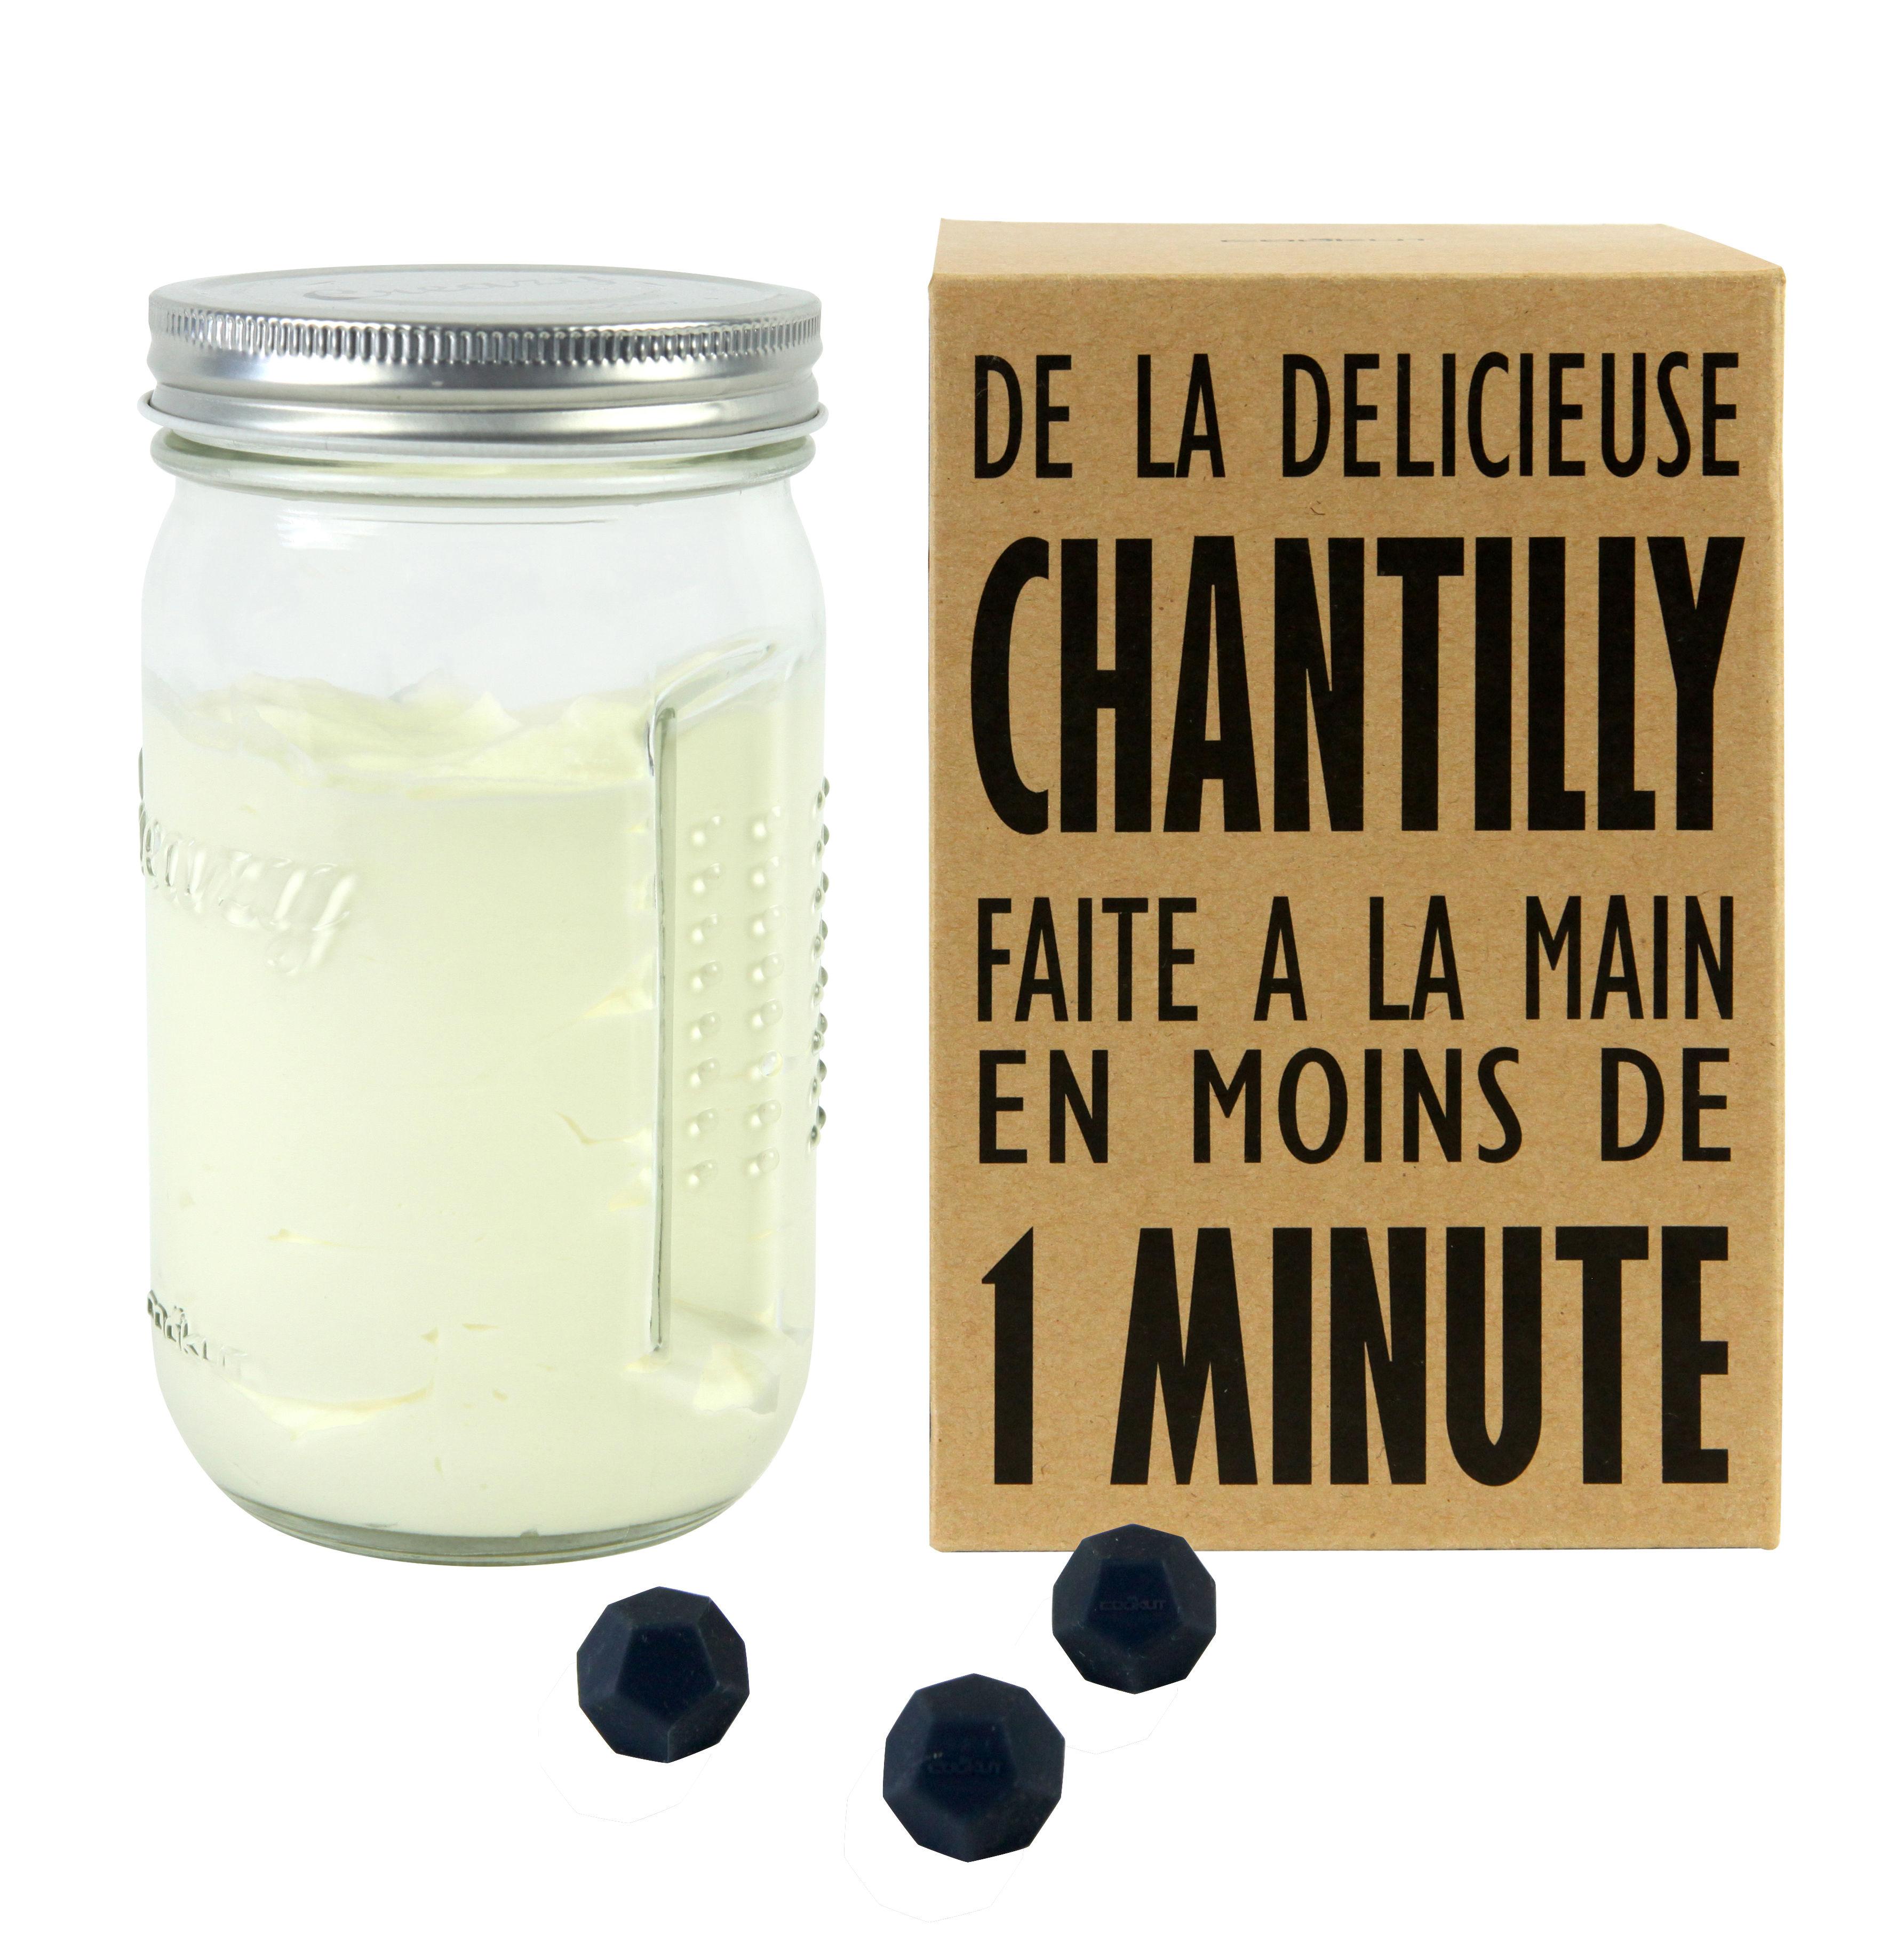 Cuisine - Ustensiles de cuisines - Shaker Creazy / Pour chantilly maison en 1 minute - Cookut - Transparent / Métal - Métal, Silicone, Verre